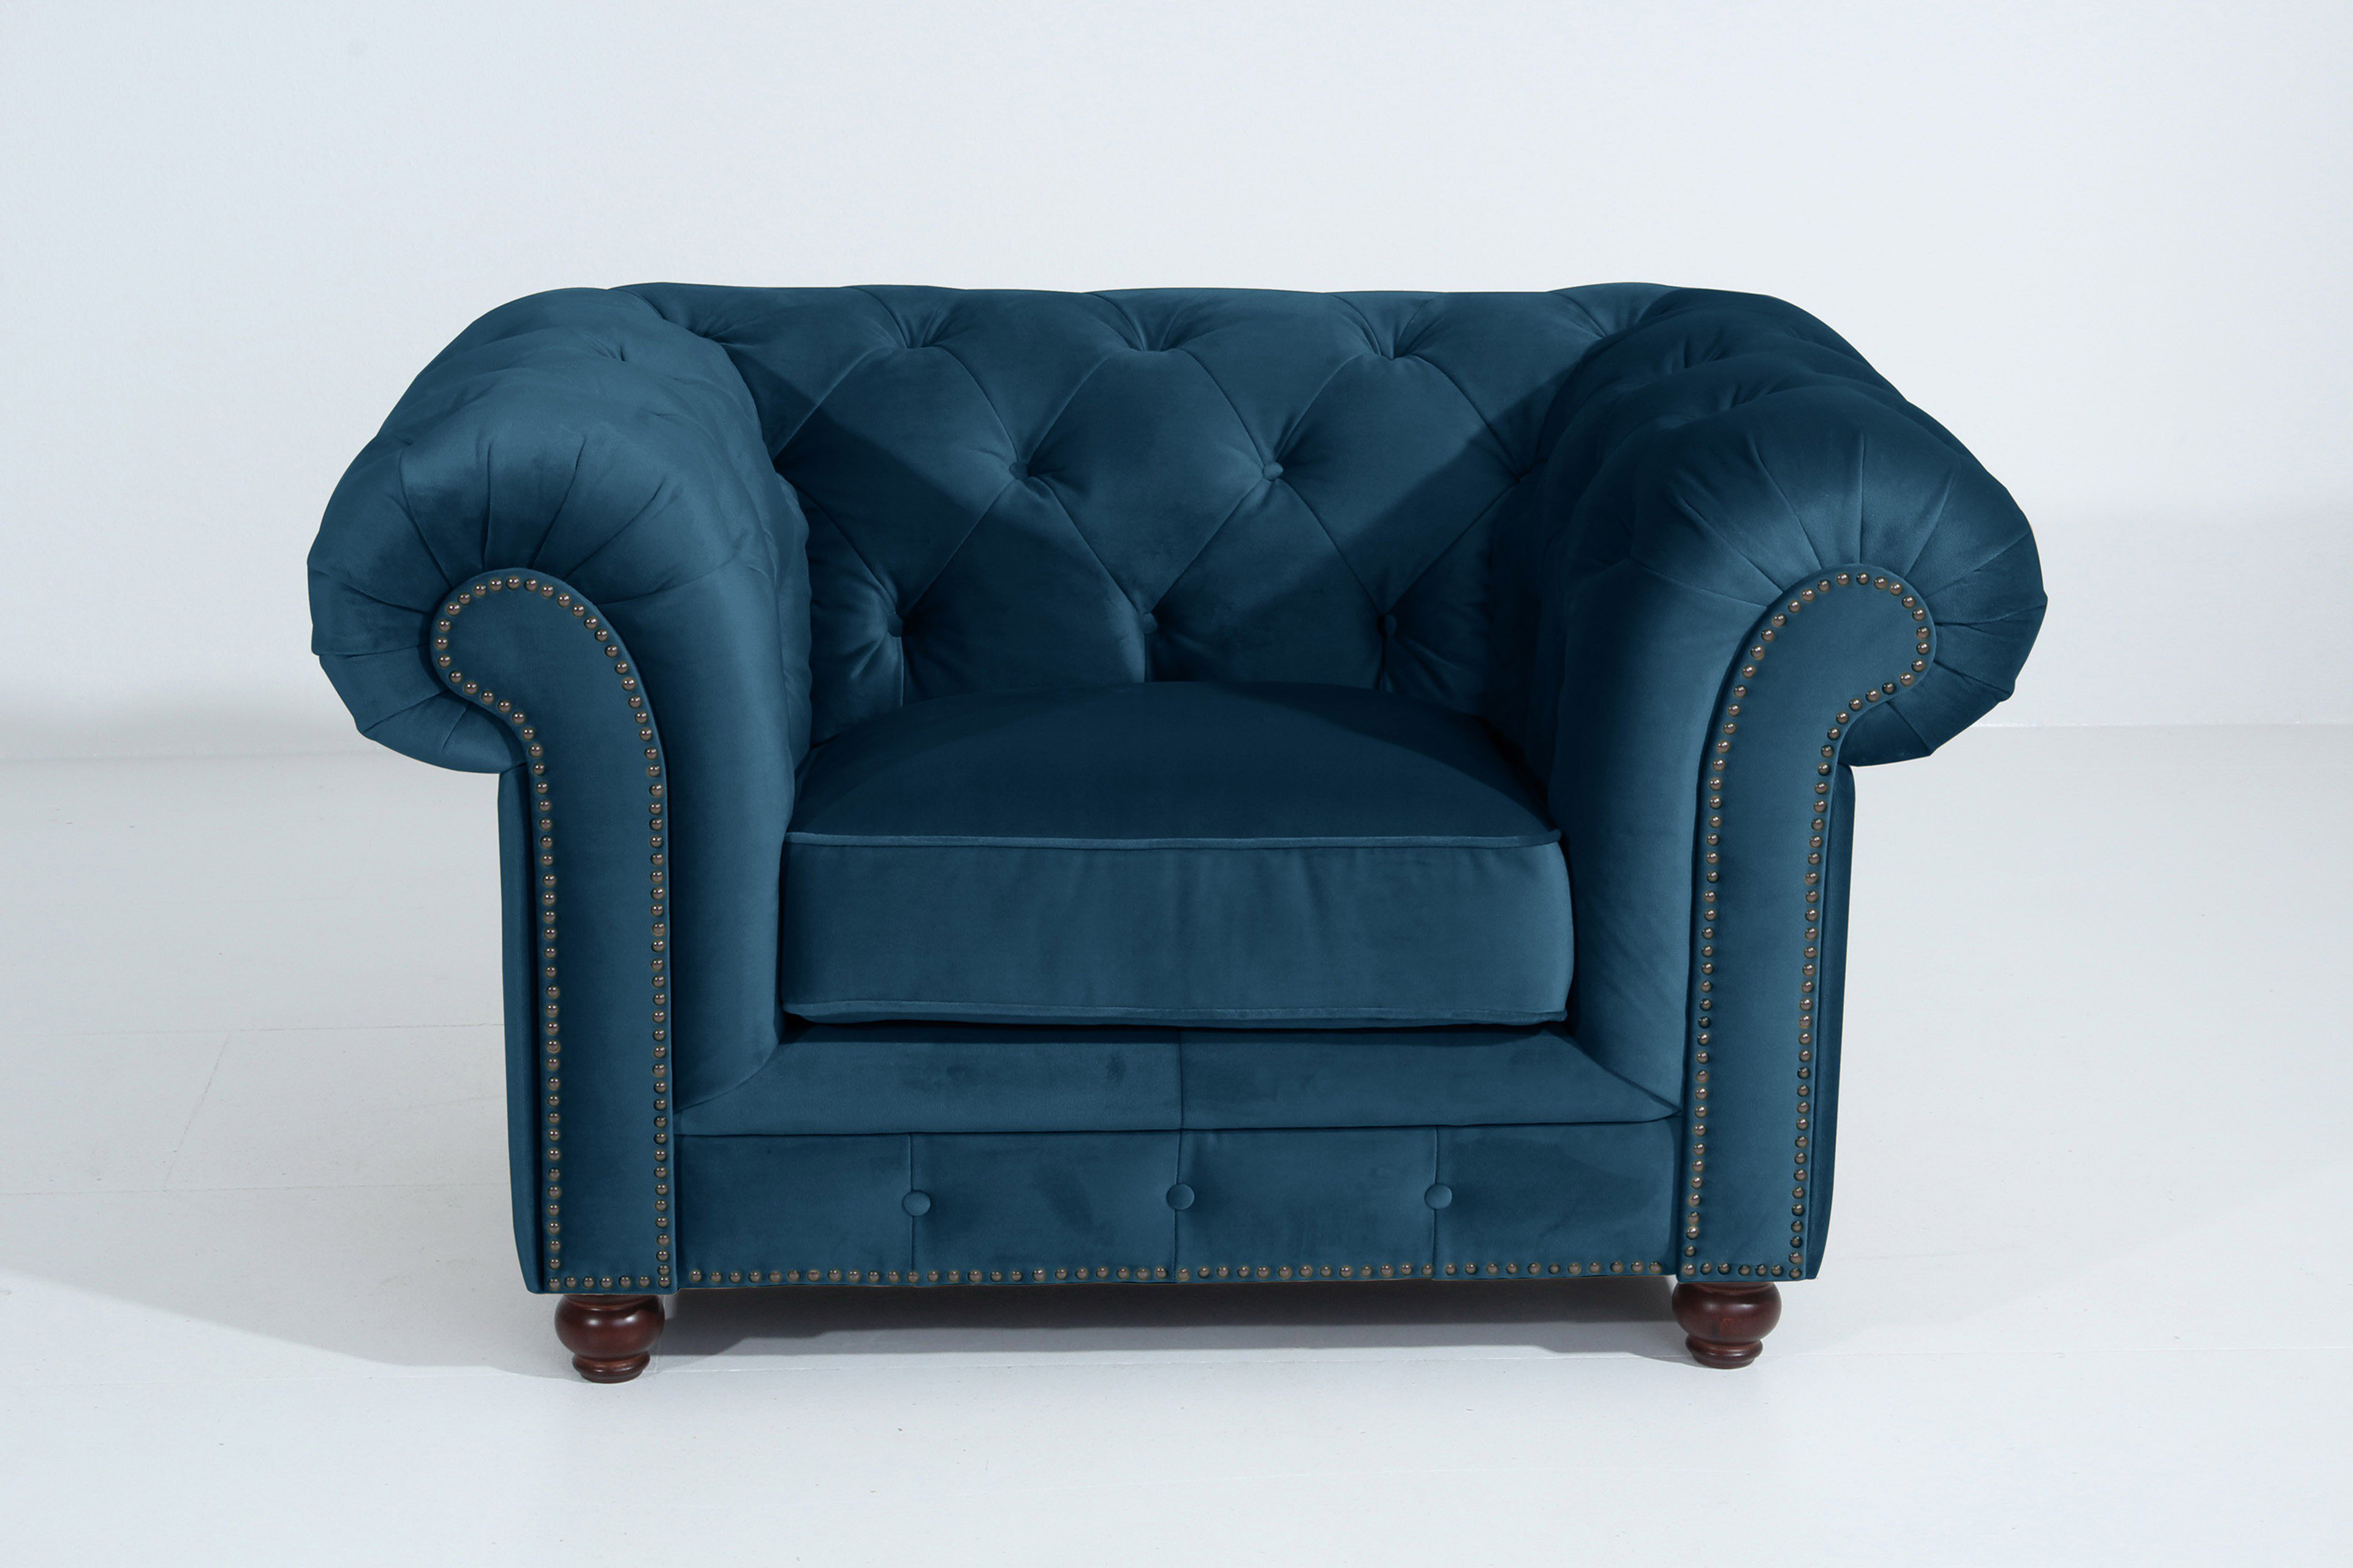 Max Winzer Orleans Chesterfield Sofa Blau Mobel Letz Ihr Online Shop